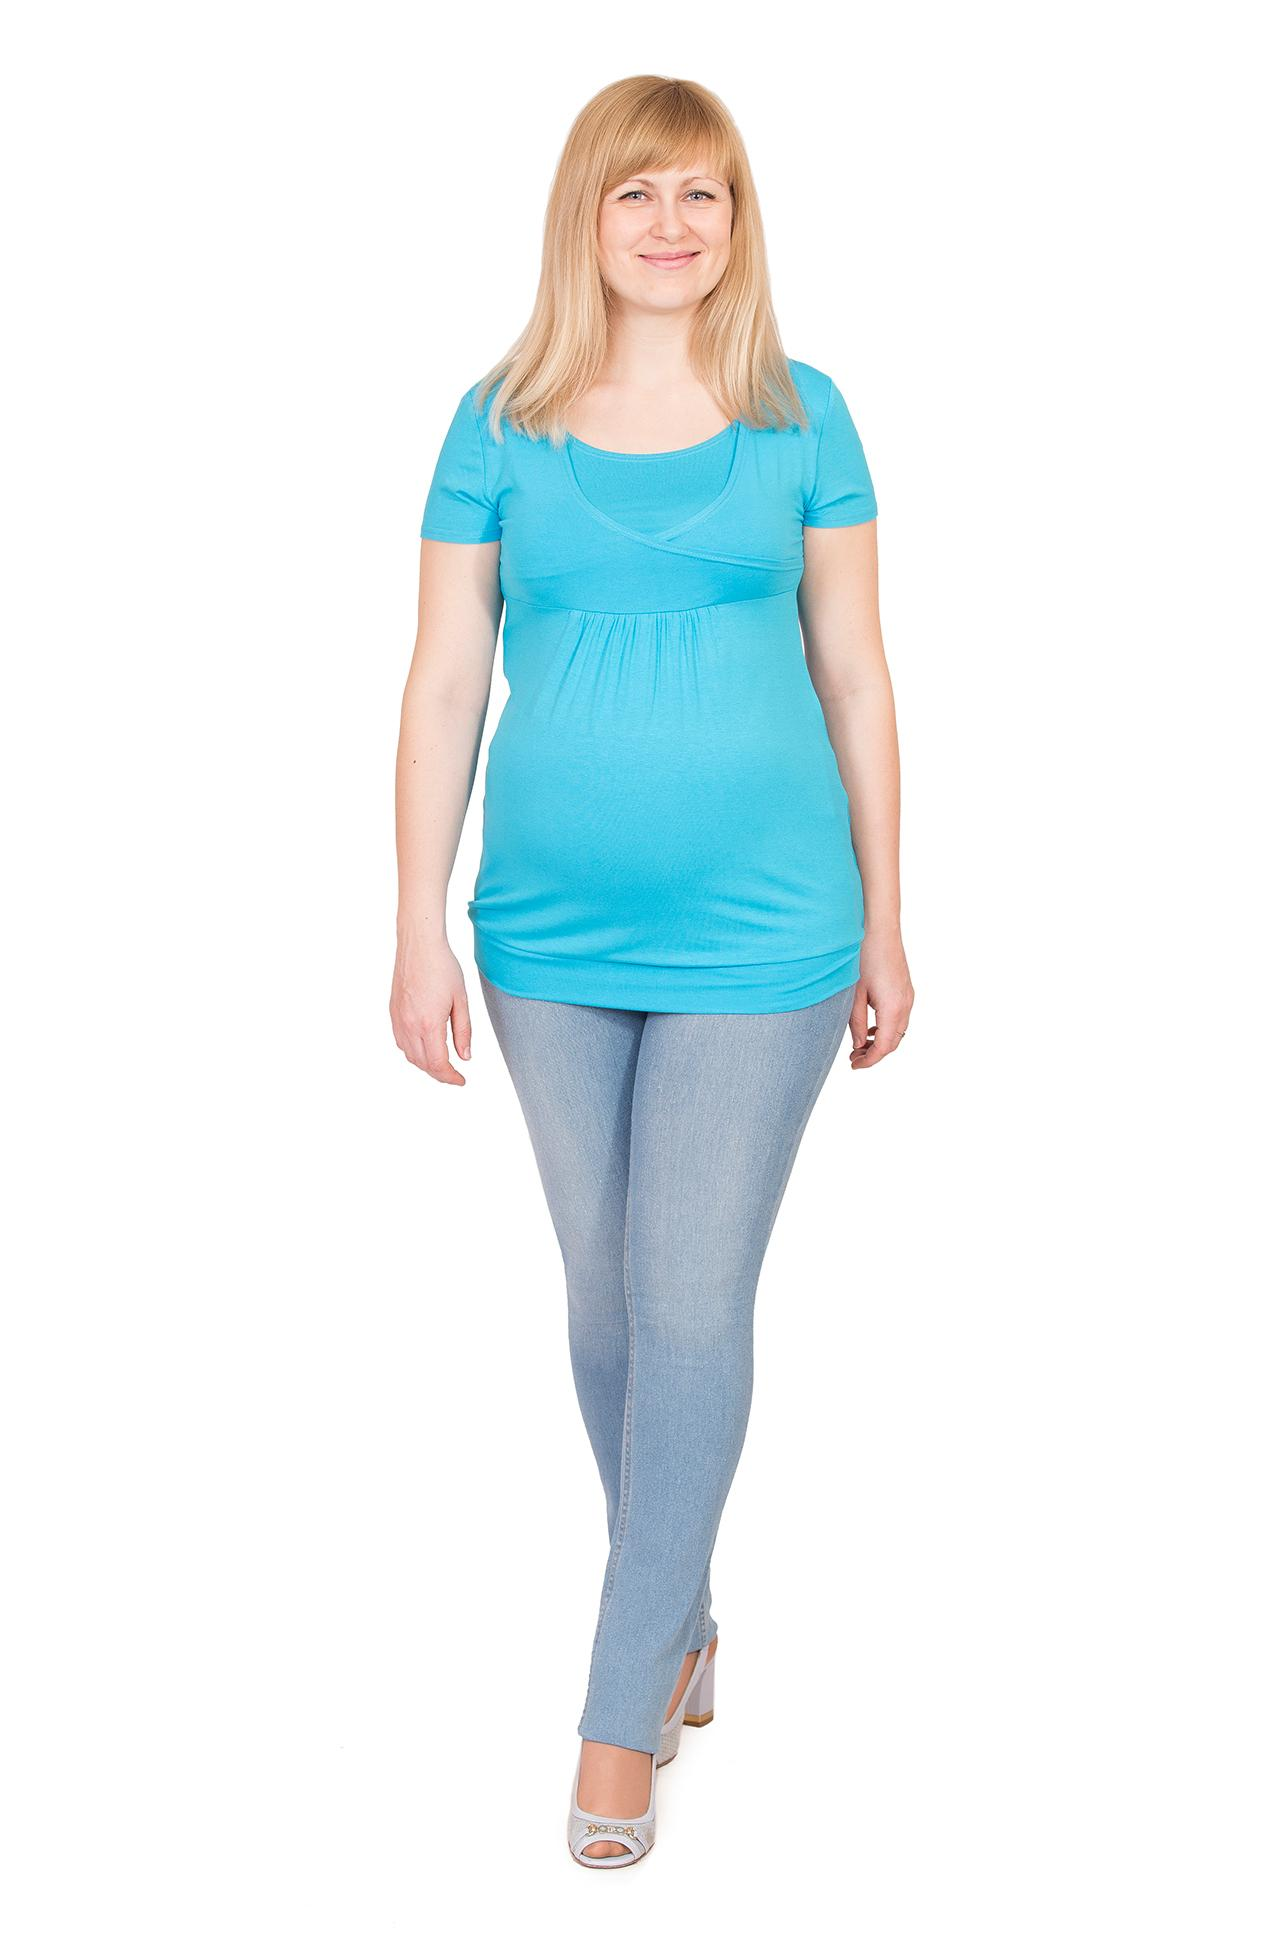 Блуза-туника трикотажная бирюзовая недорогая туника для беременных ... 910fc6204d3